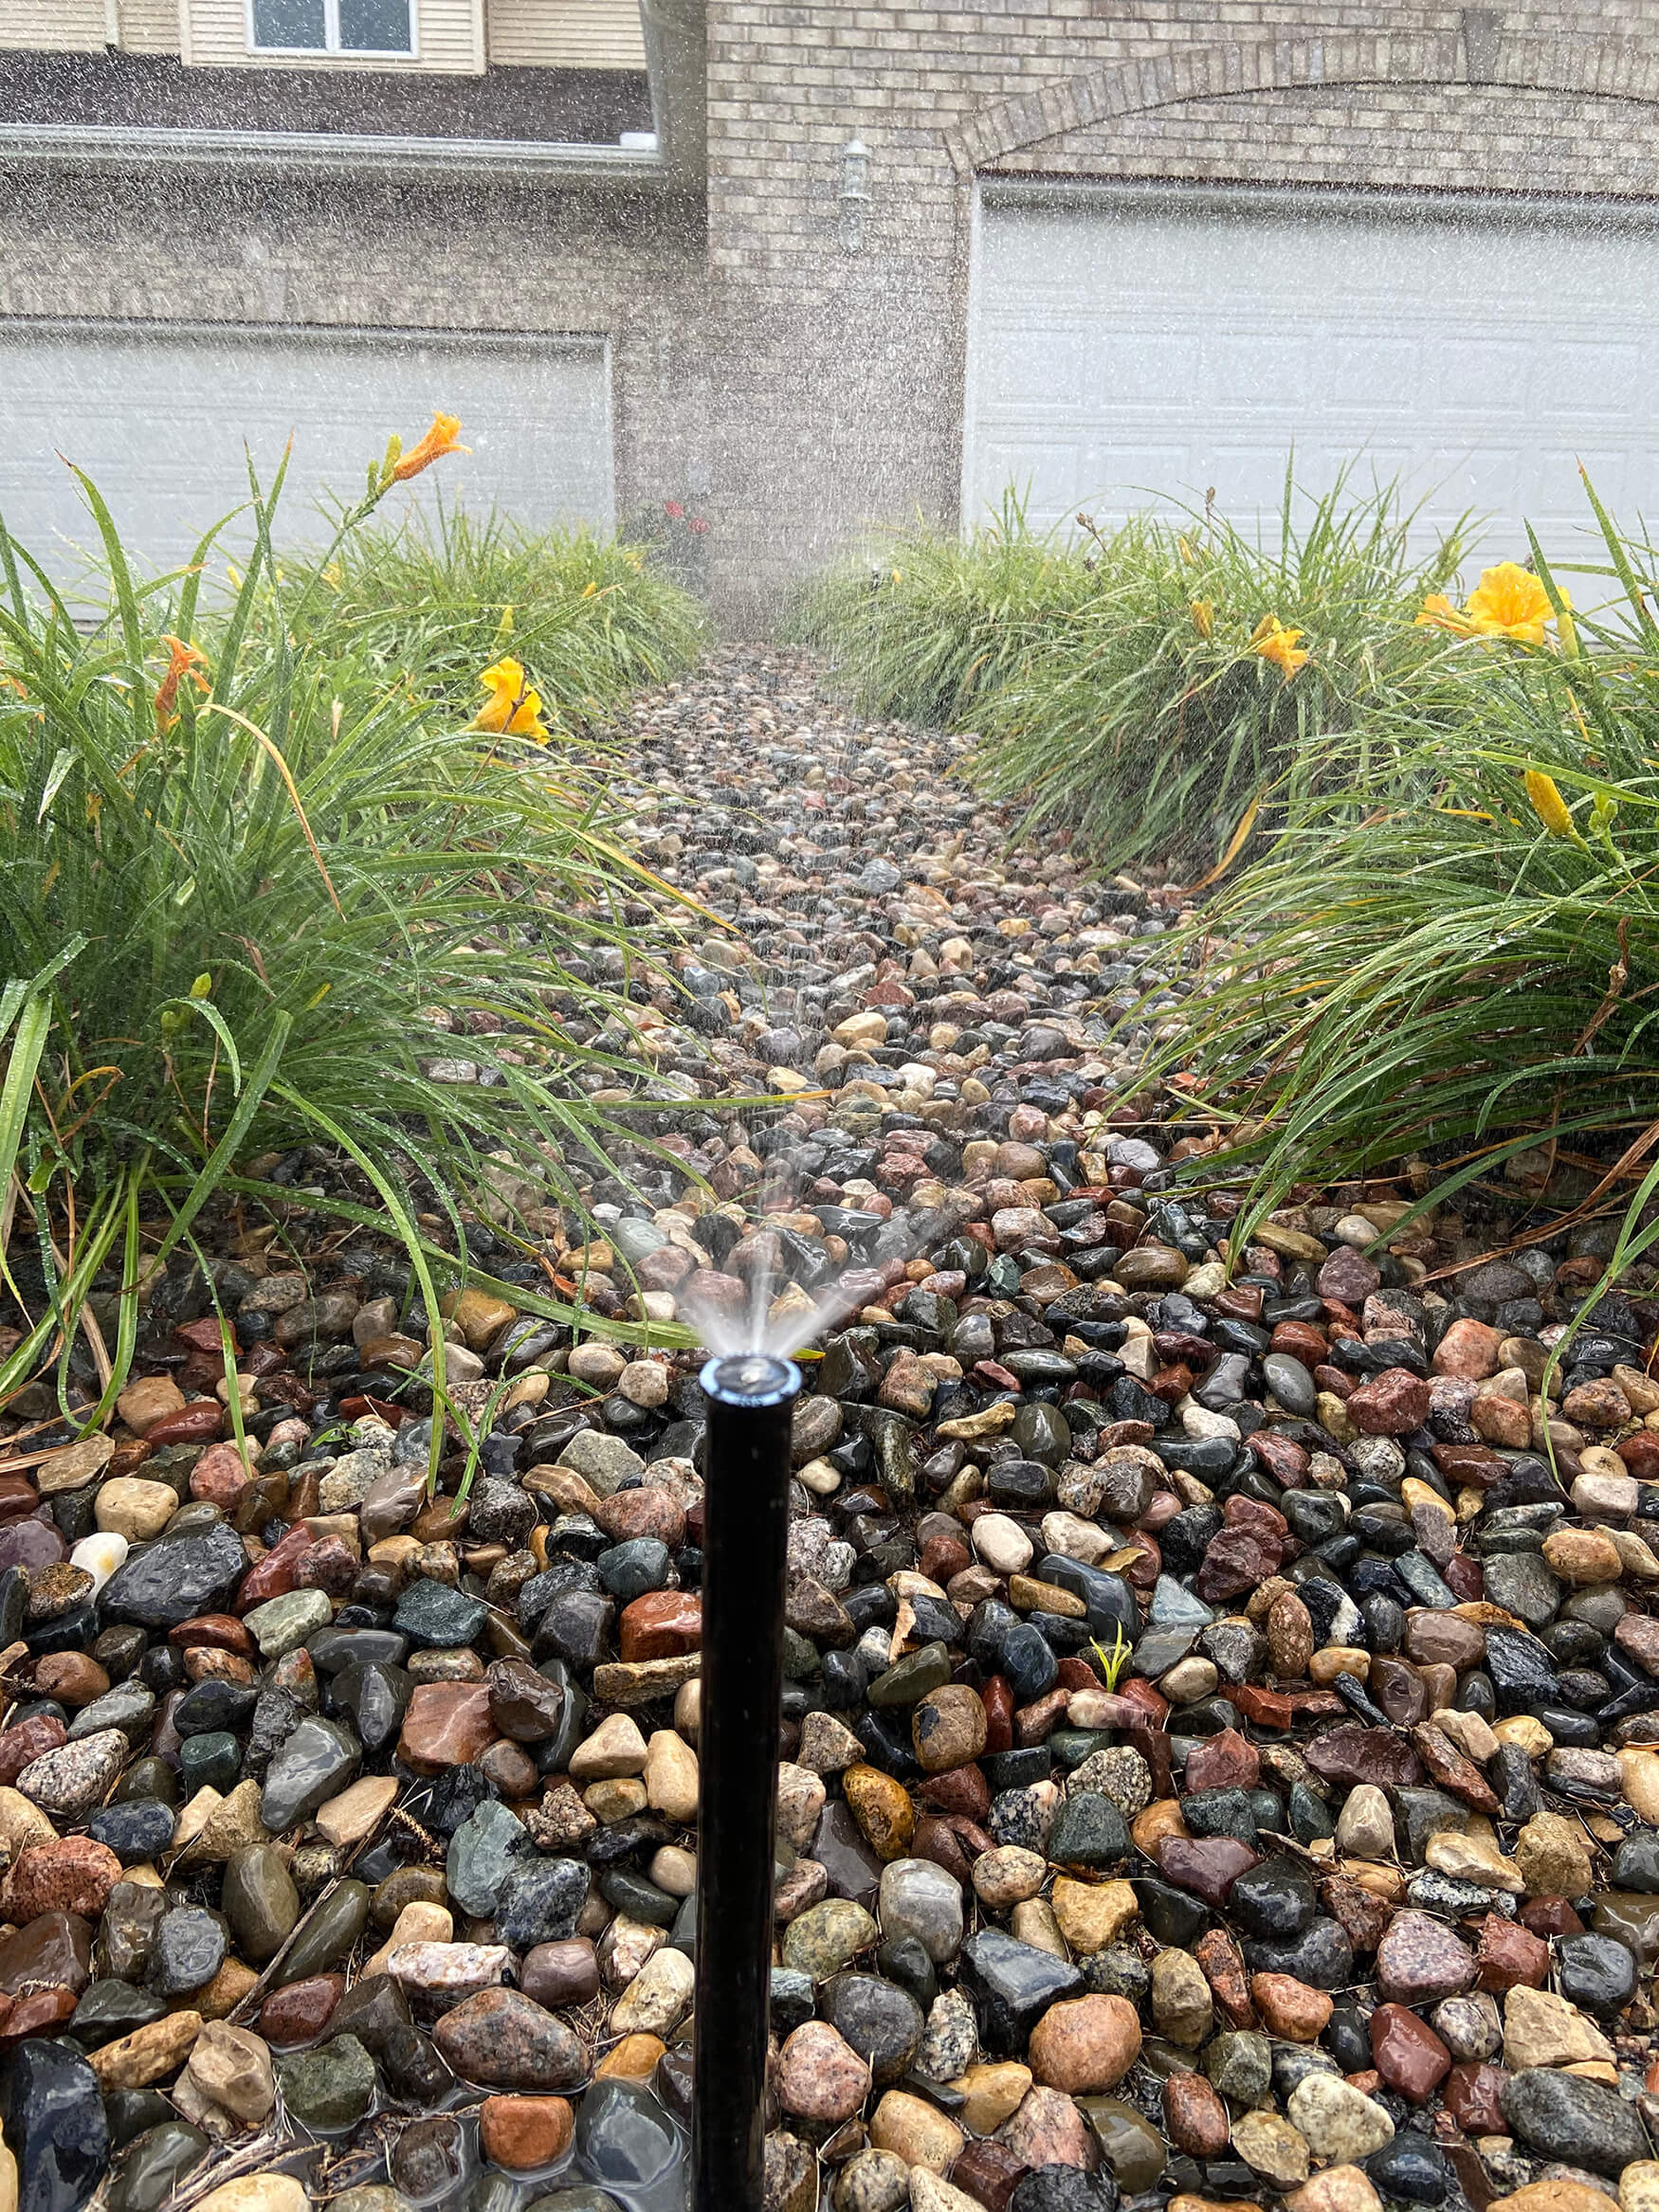 Sprinkler watering yellow flowers